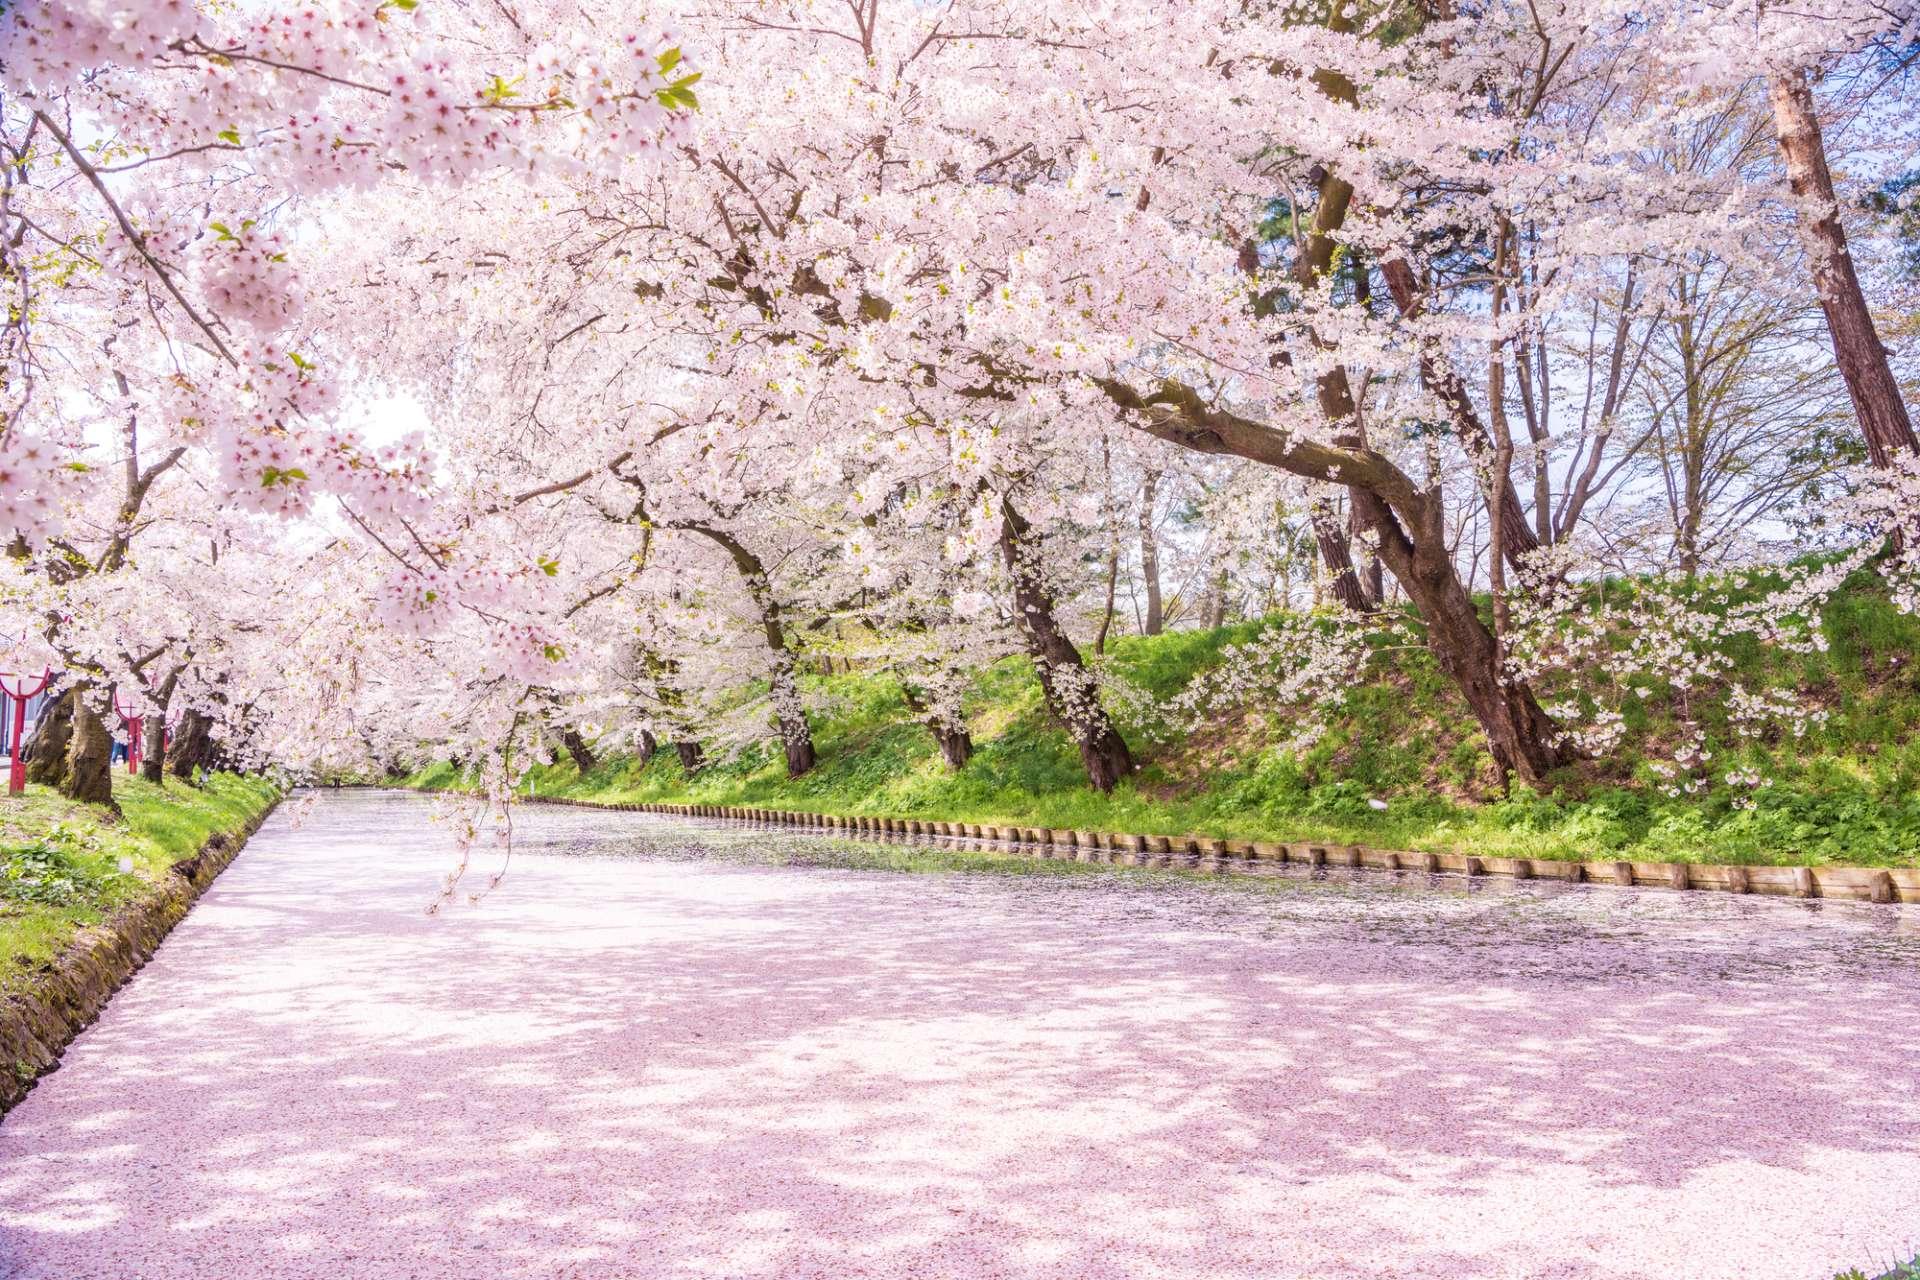 護城河宛如粉色的「花筏子」